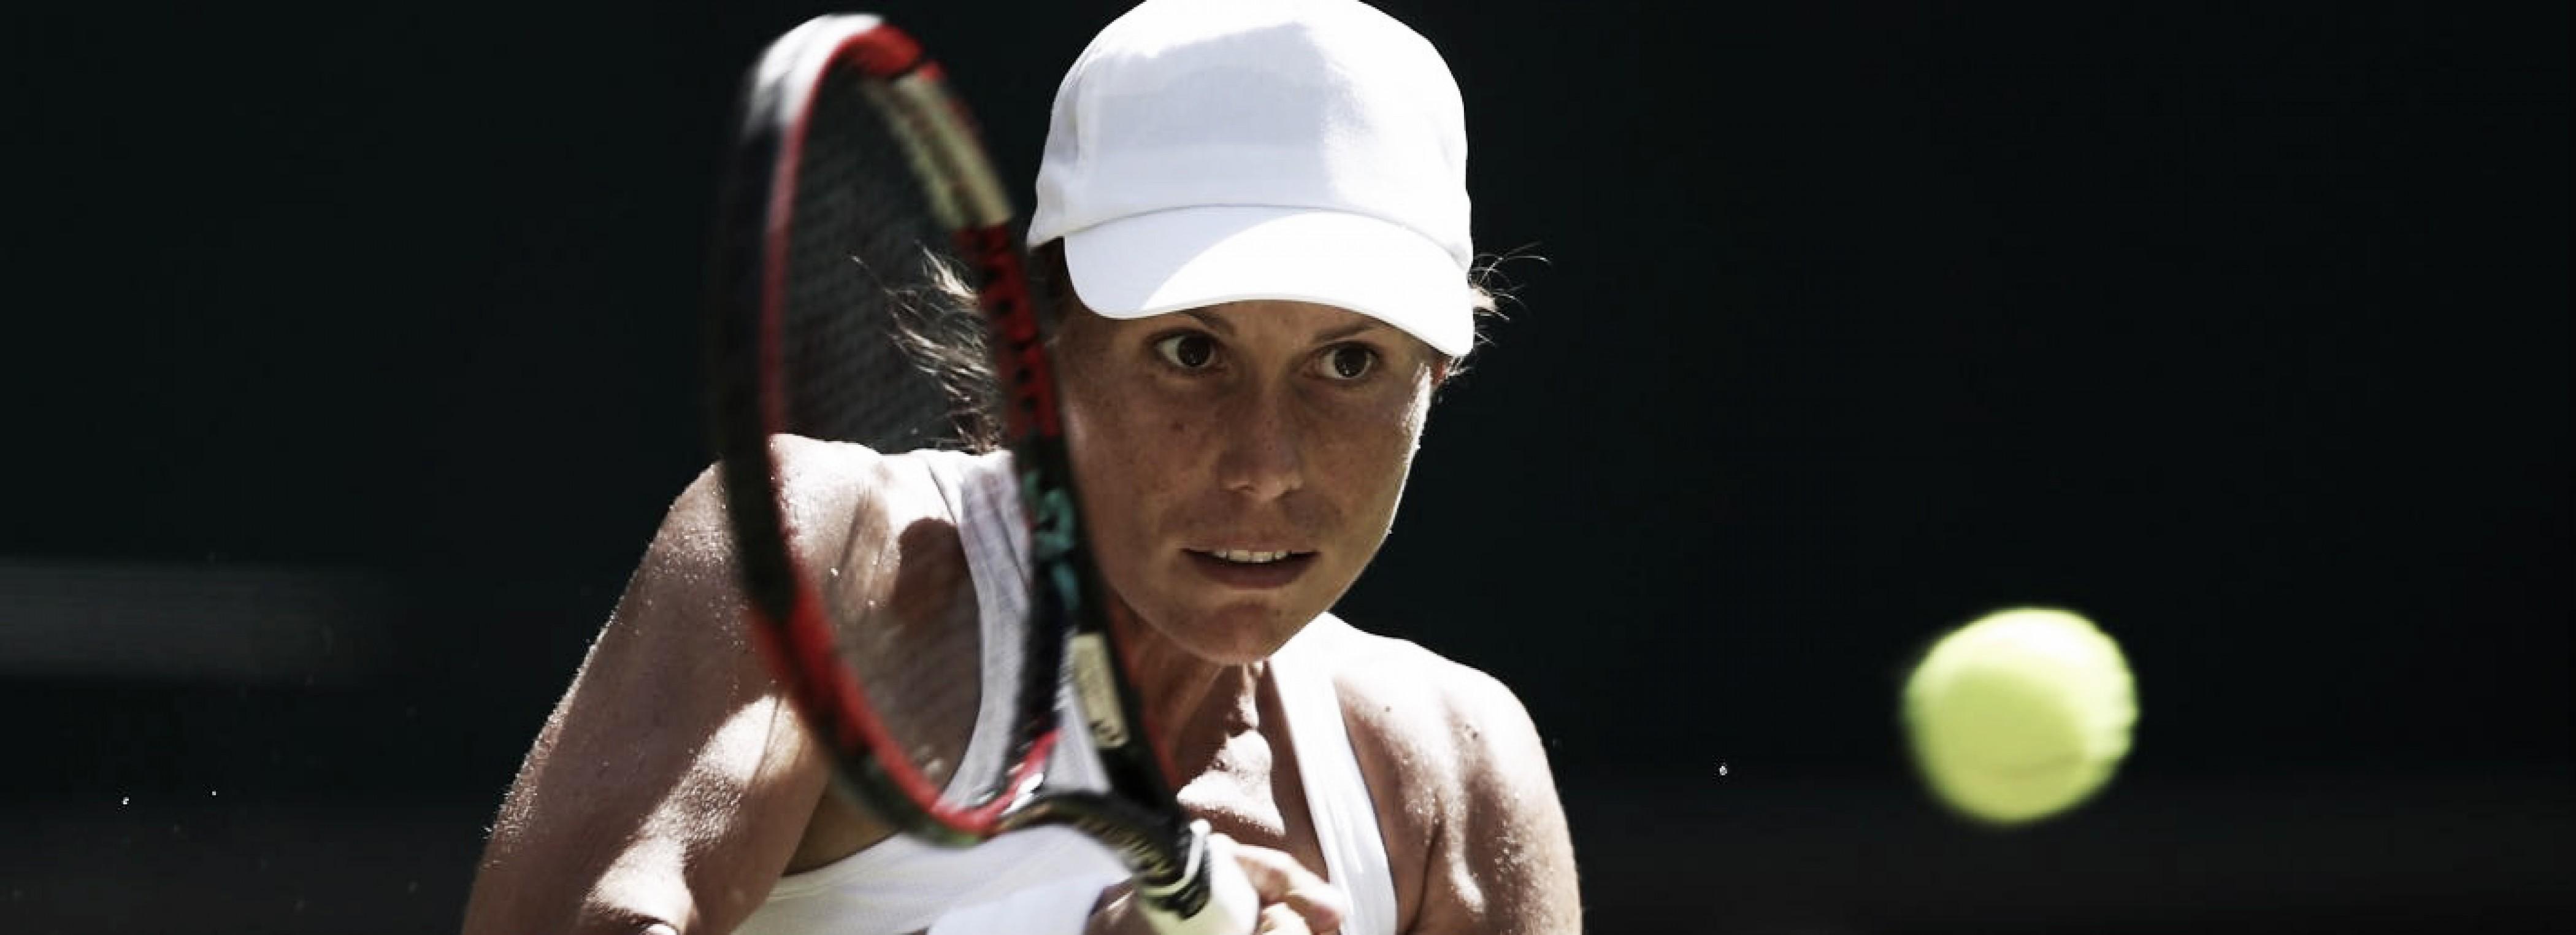 Lepchenko vence e elimina Sabalenka do WTA de Quebec